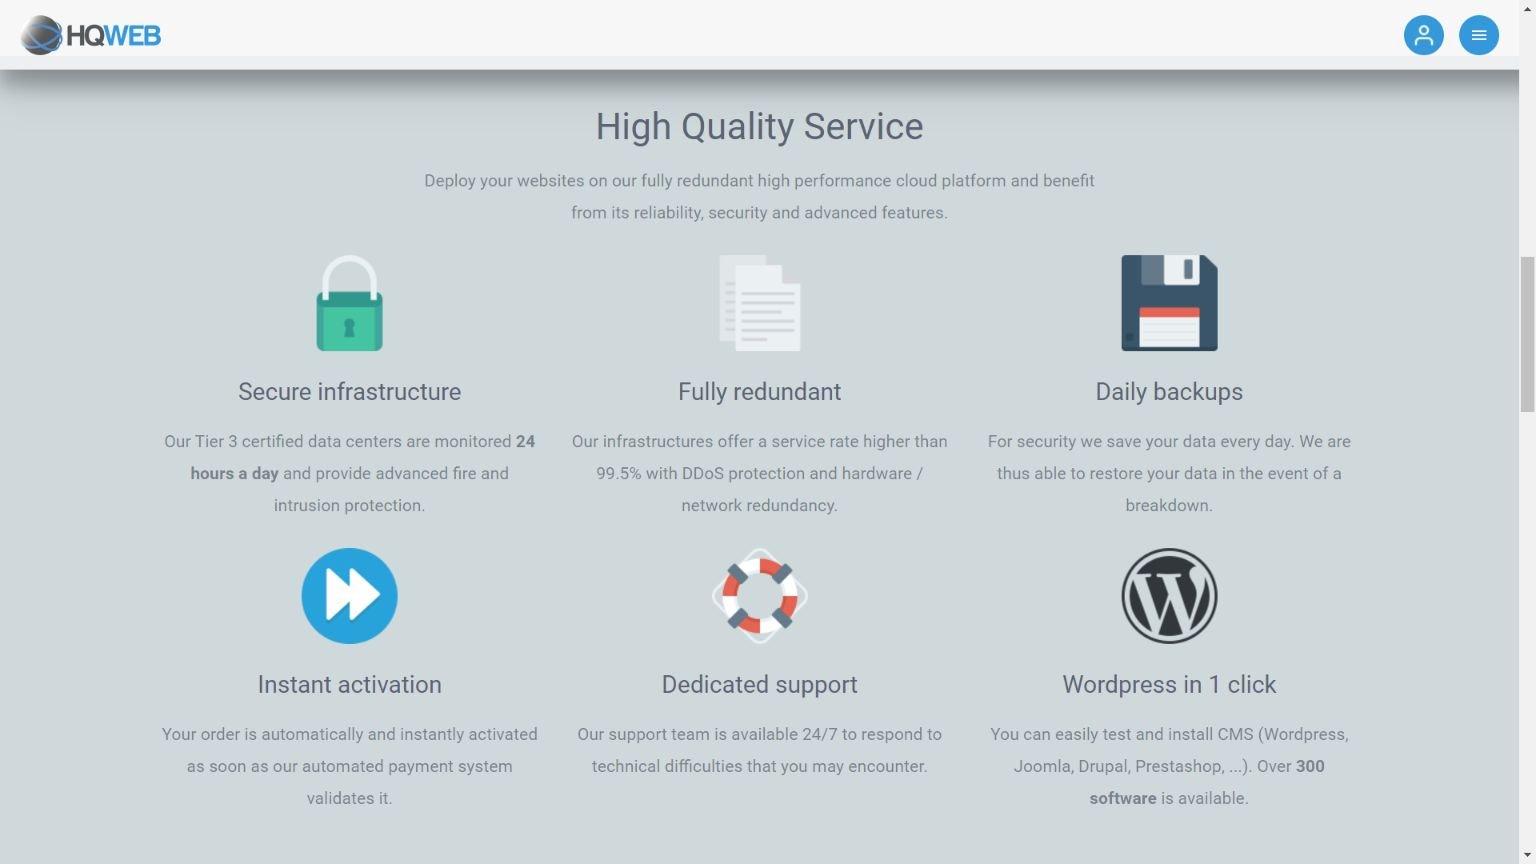 Hqweb services